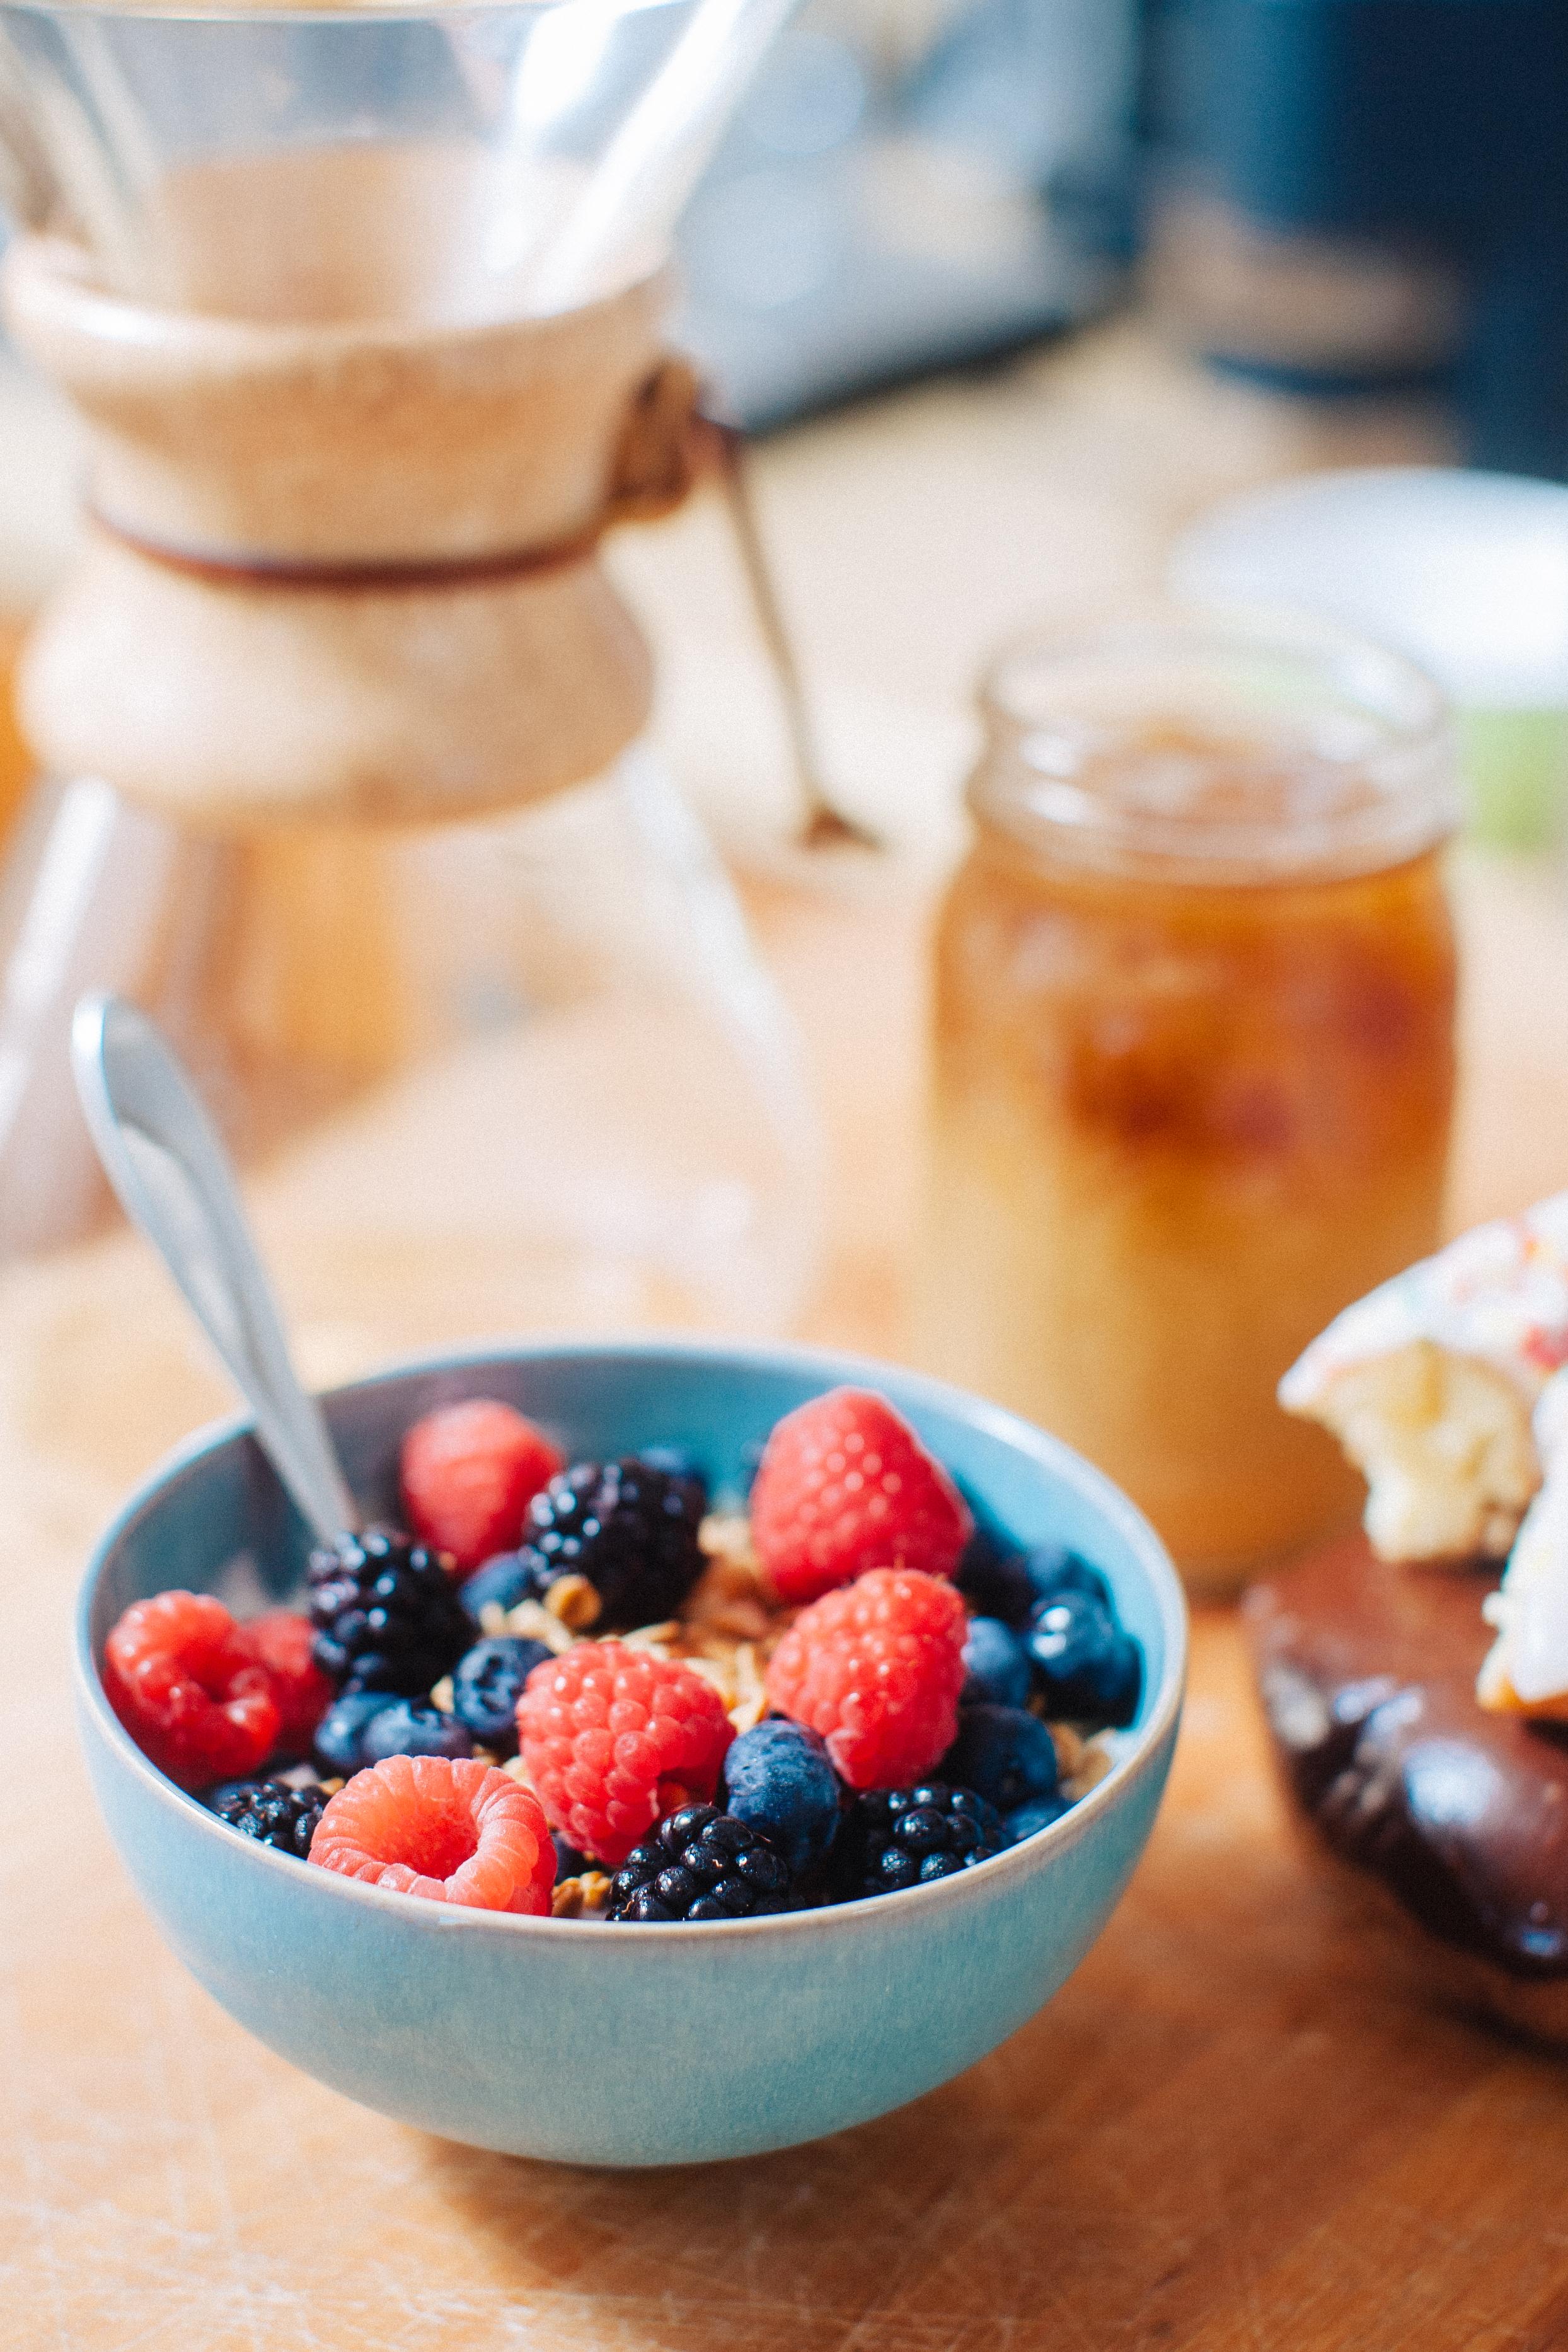 Fresh berries with granola and yogurt